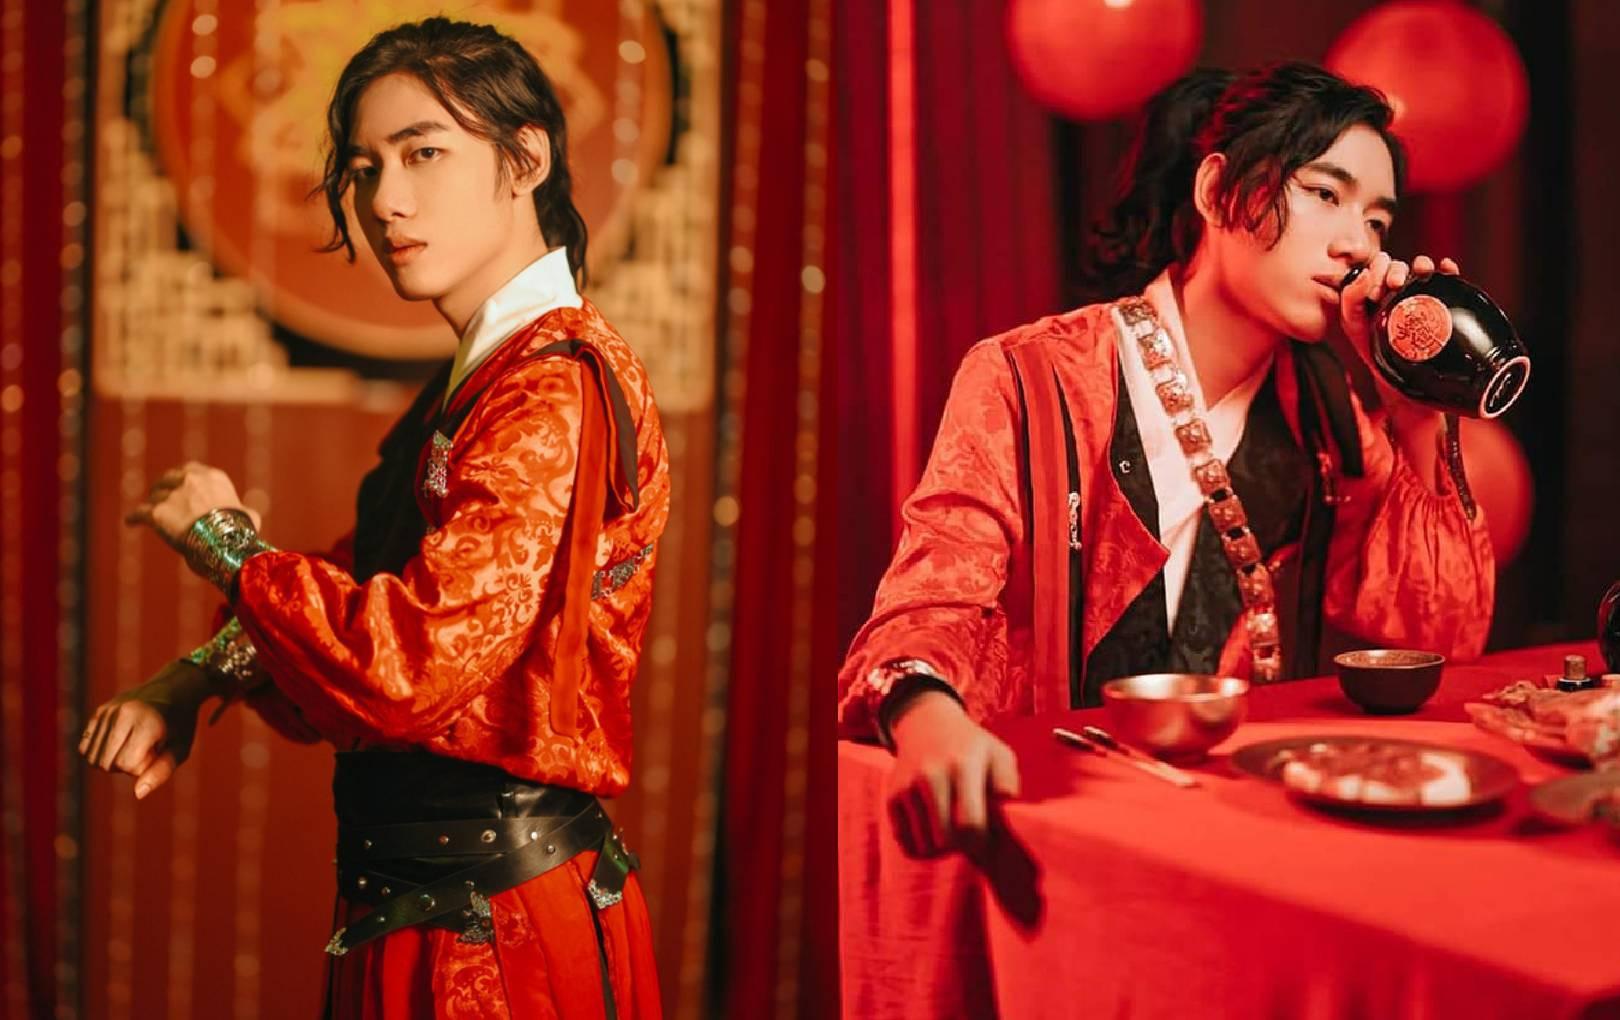 """MV mới của K-ICM liên tiếp bị """"phốt"""": Từ đạo trang phục nhân vật đam mỹ đến """"cầm nhầm"""" tranh vẽ của người khác khi chưa xin phép"""